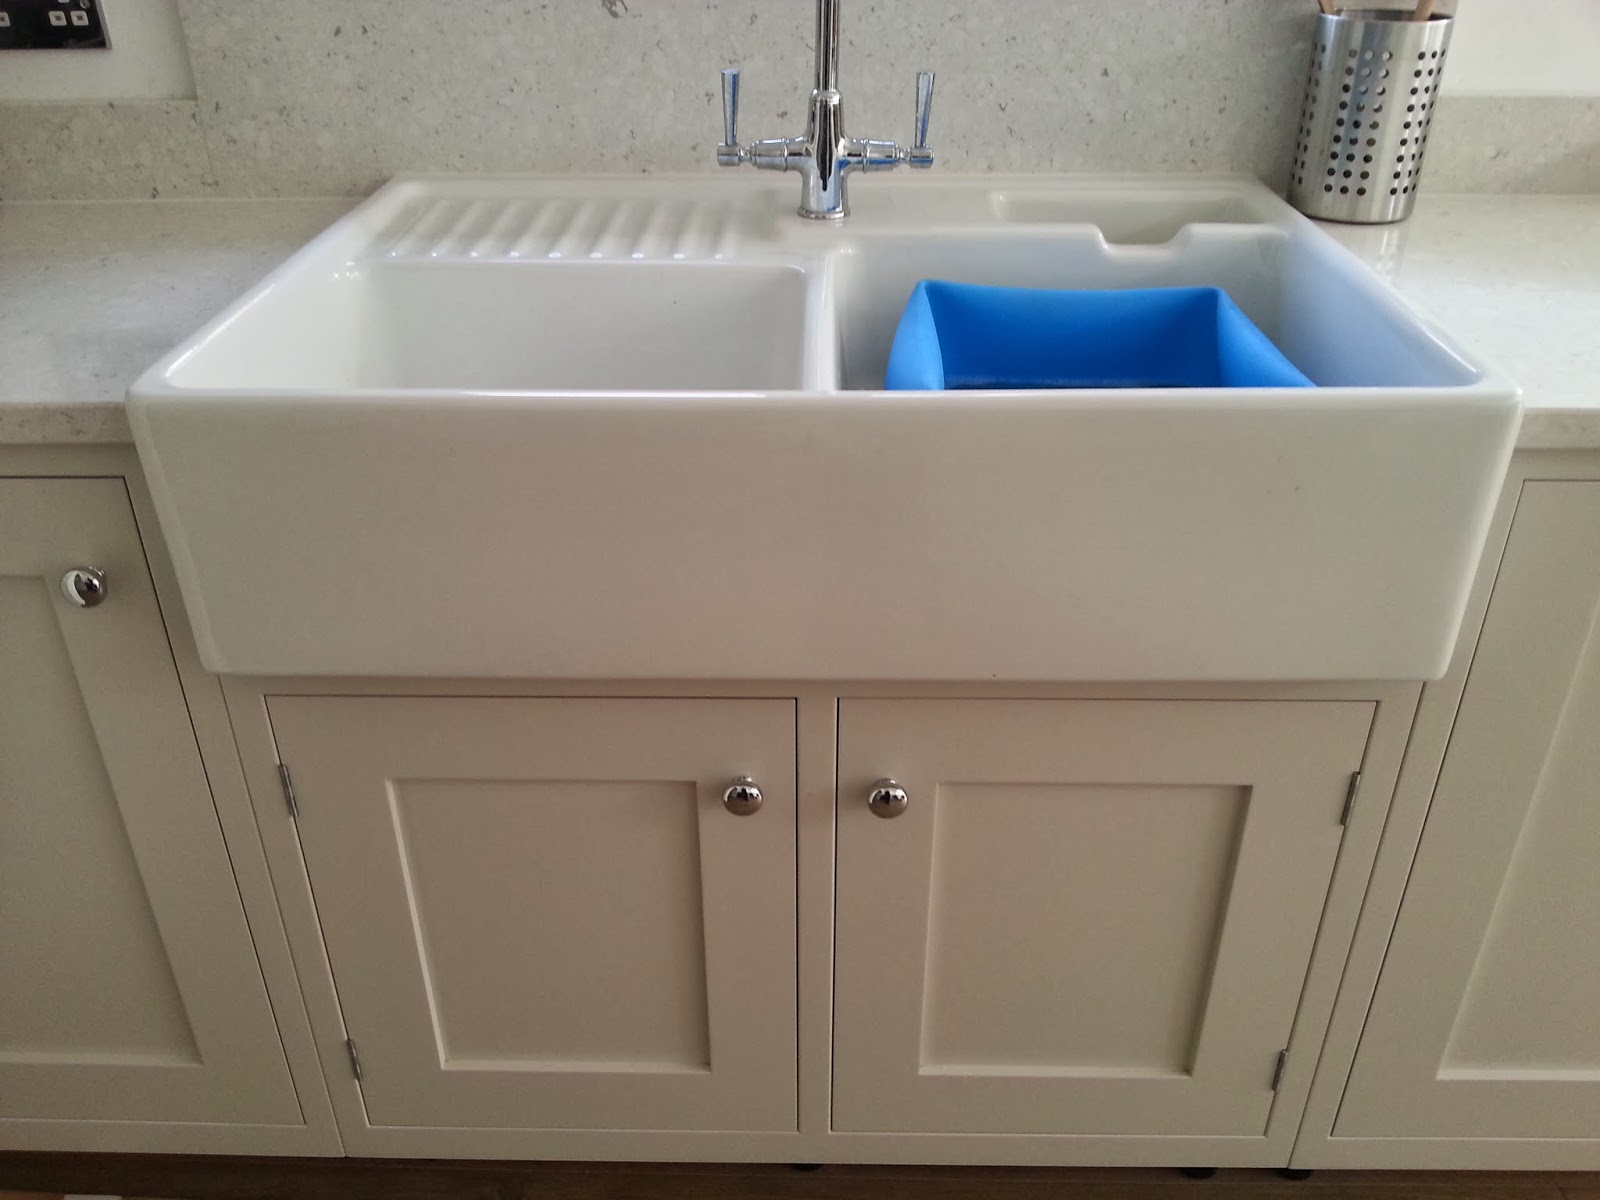 Franklin Kitchen Sinks : ... kitchen sink from villeroy boch on f b cornforth white cottage kitchen